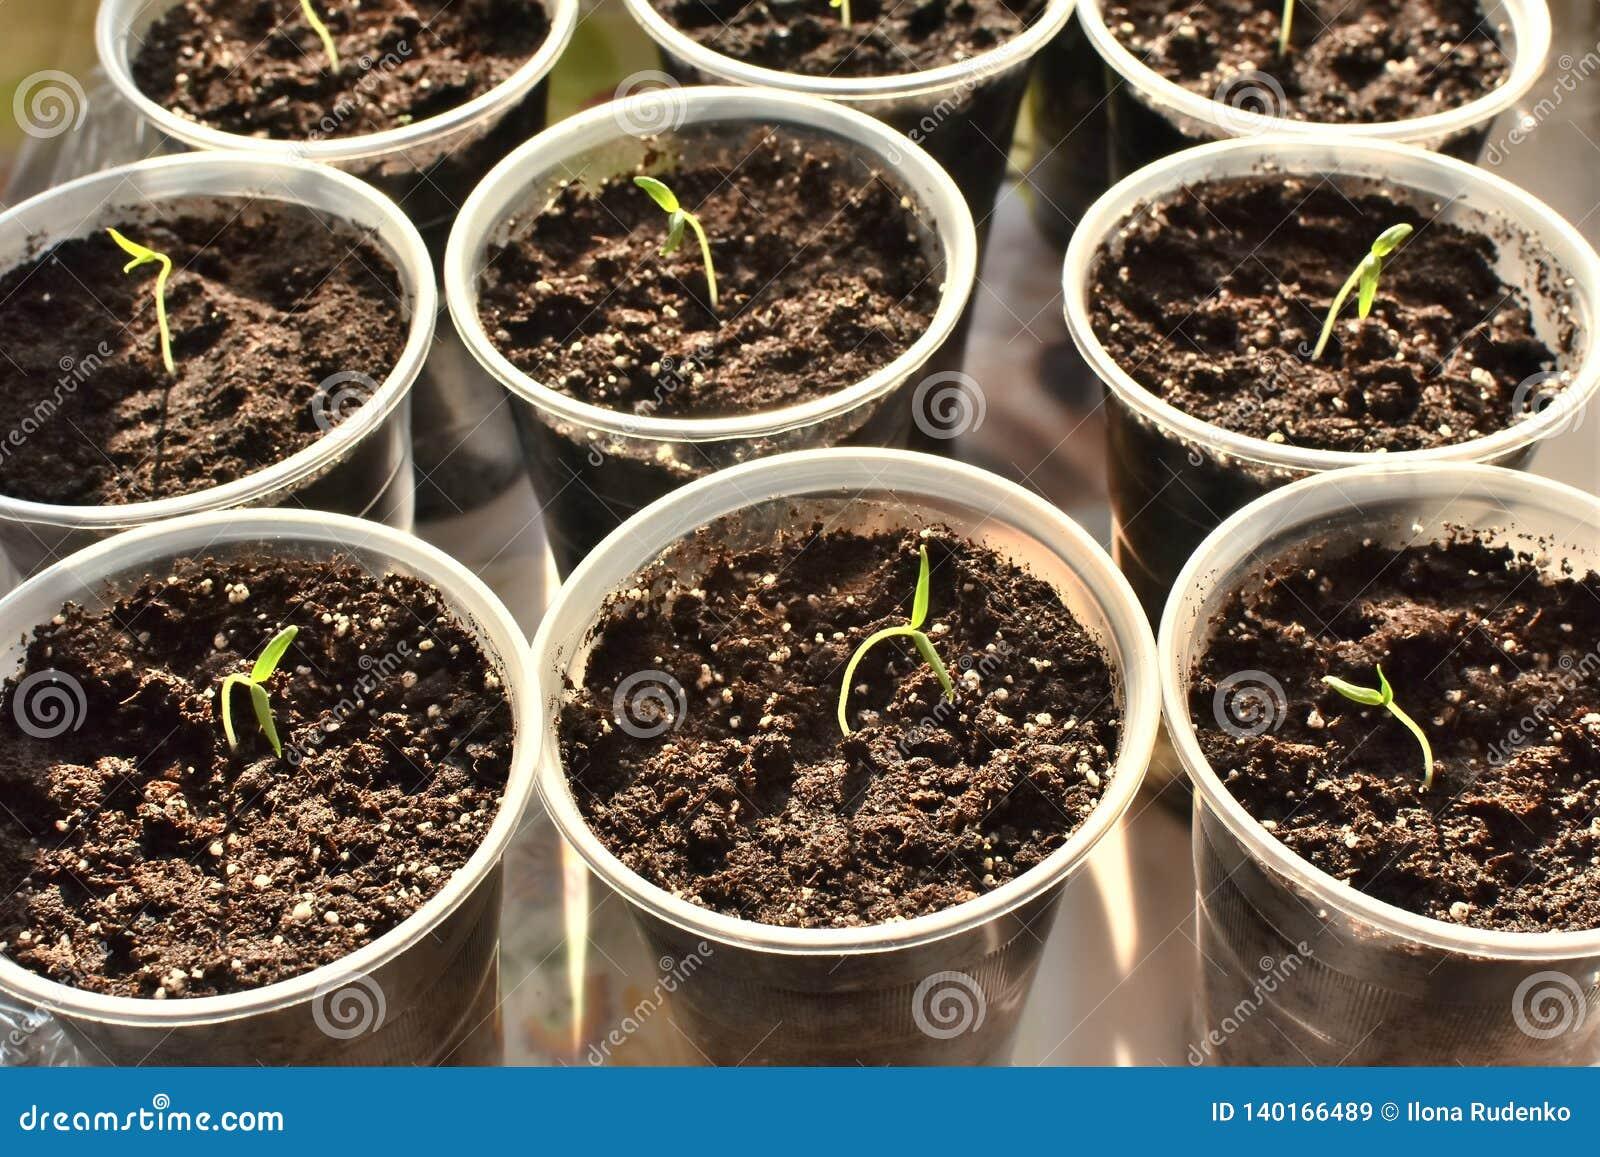 Unga nya gröna plantor som växer i krukor under solljuset